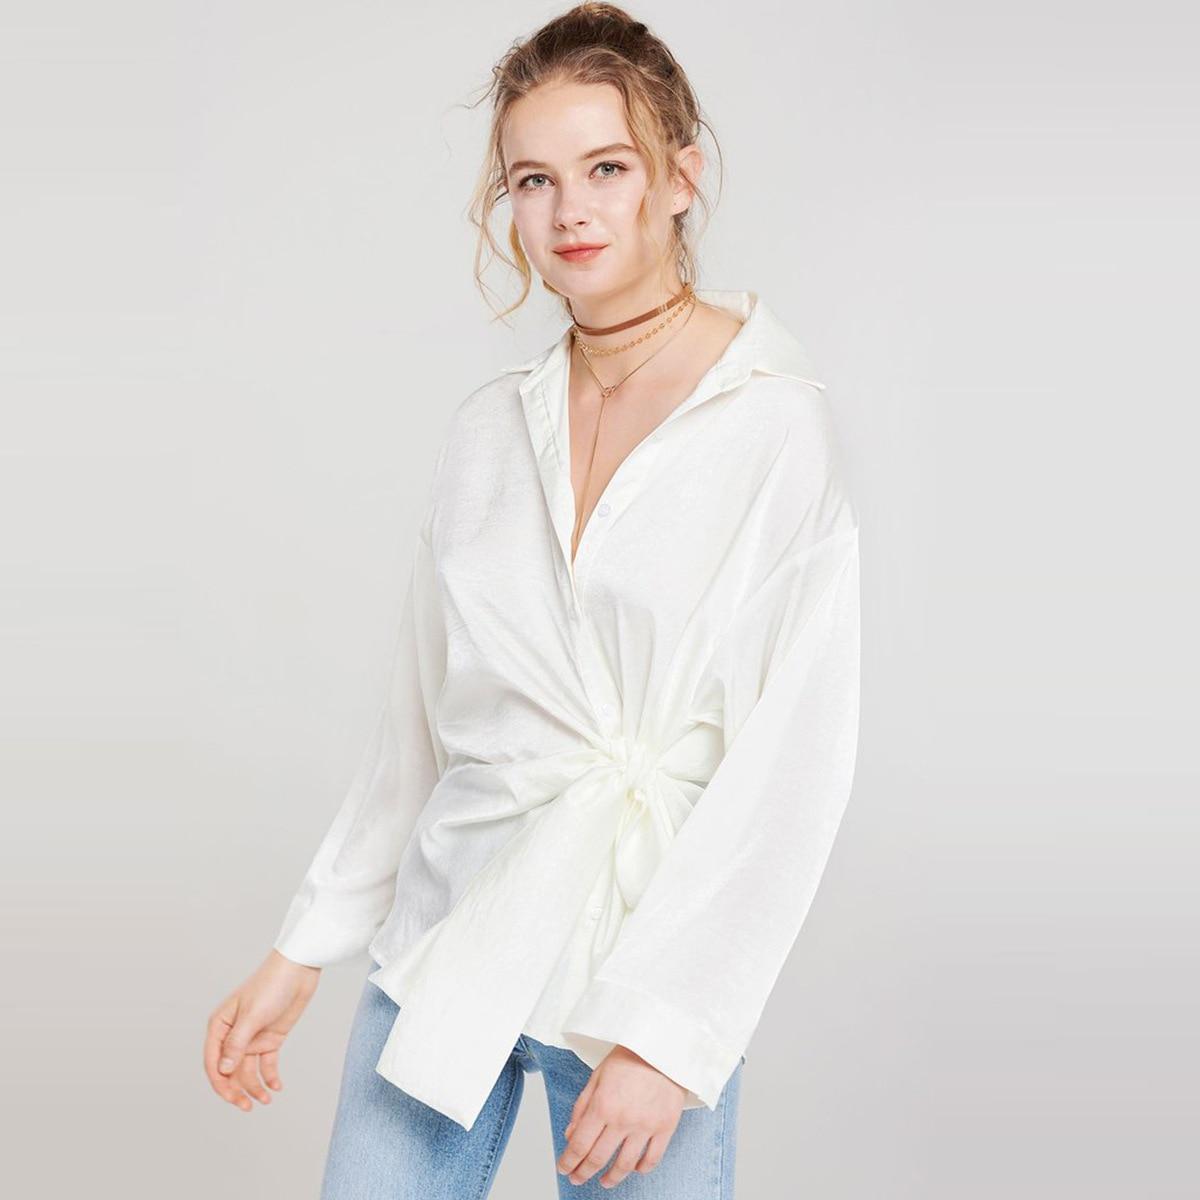 Blouse Chemises Élégant Up Casual Tops Lâche Lady Lace Longues Femmes Bas A Plus Femme Vers Le Taille Office Manches La Tournent Boutons Blanc q1T4E8